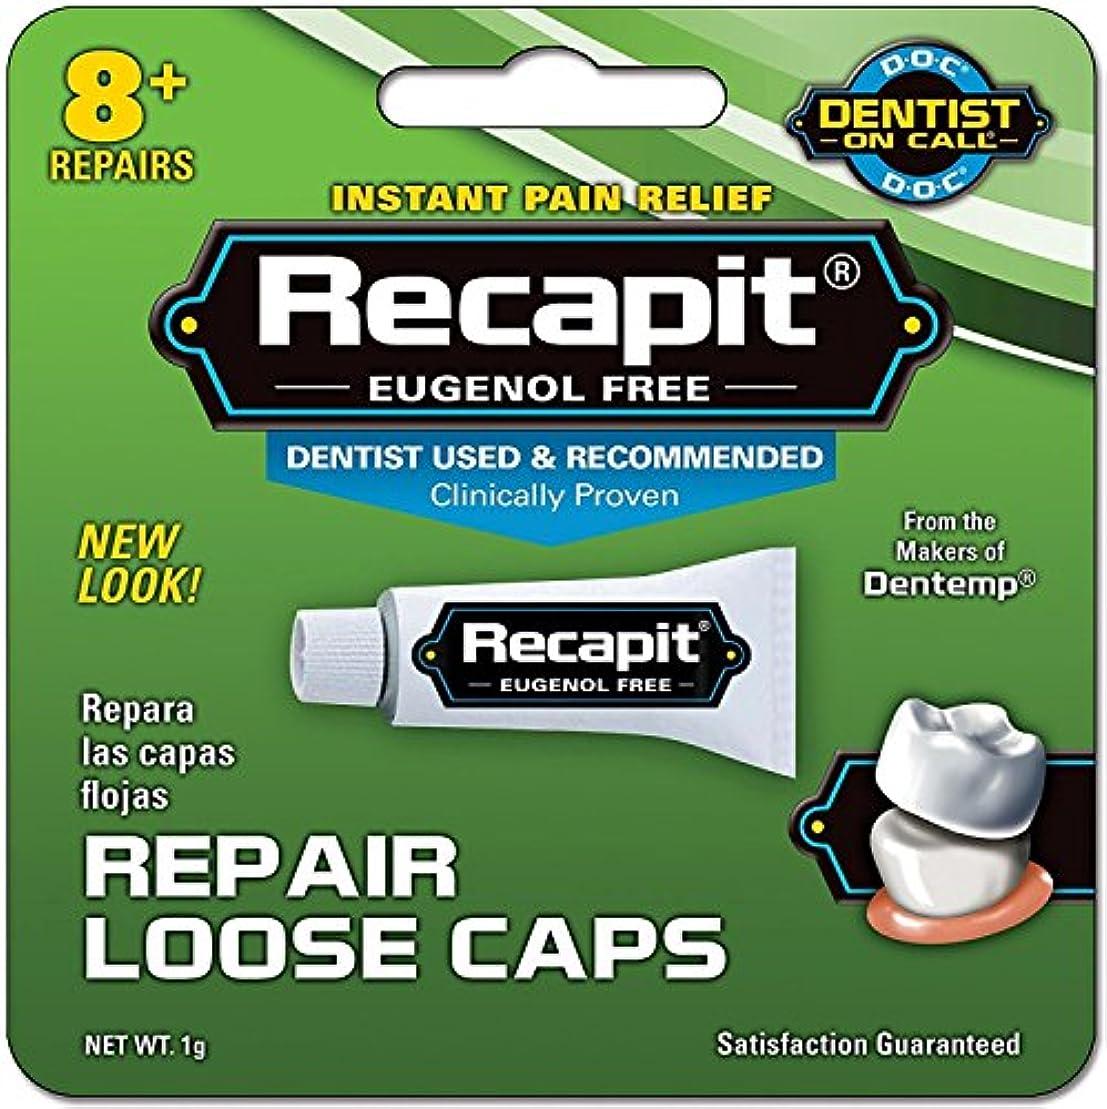 適合しましたリレー試みDoc Recapitルースキャップ歯科修復 - 8つの修理、2パック